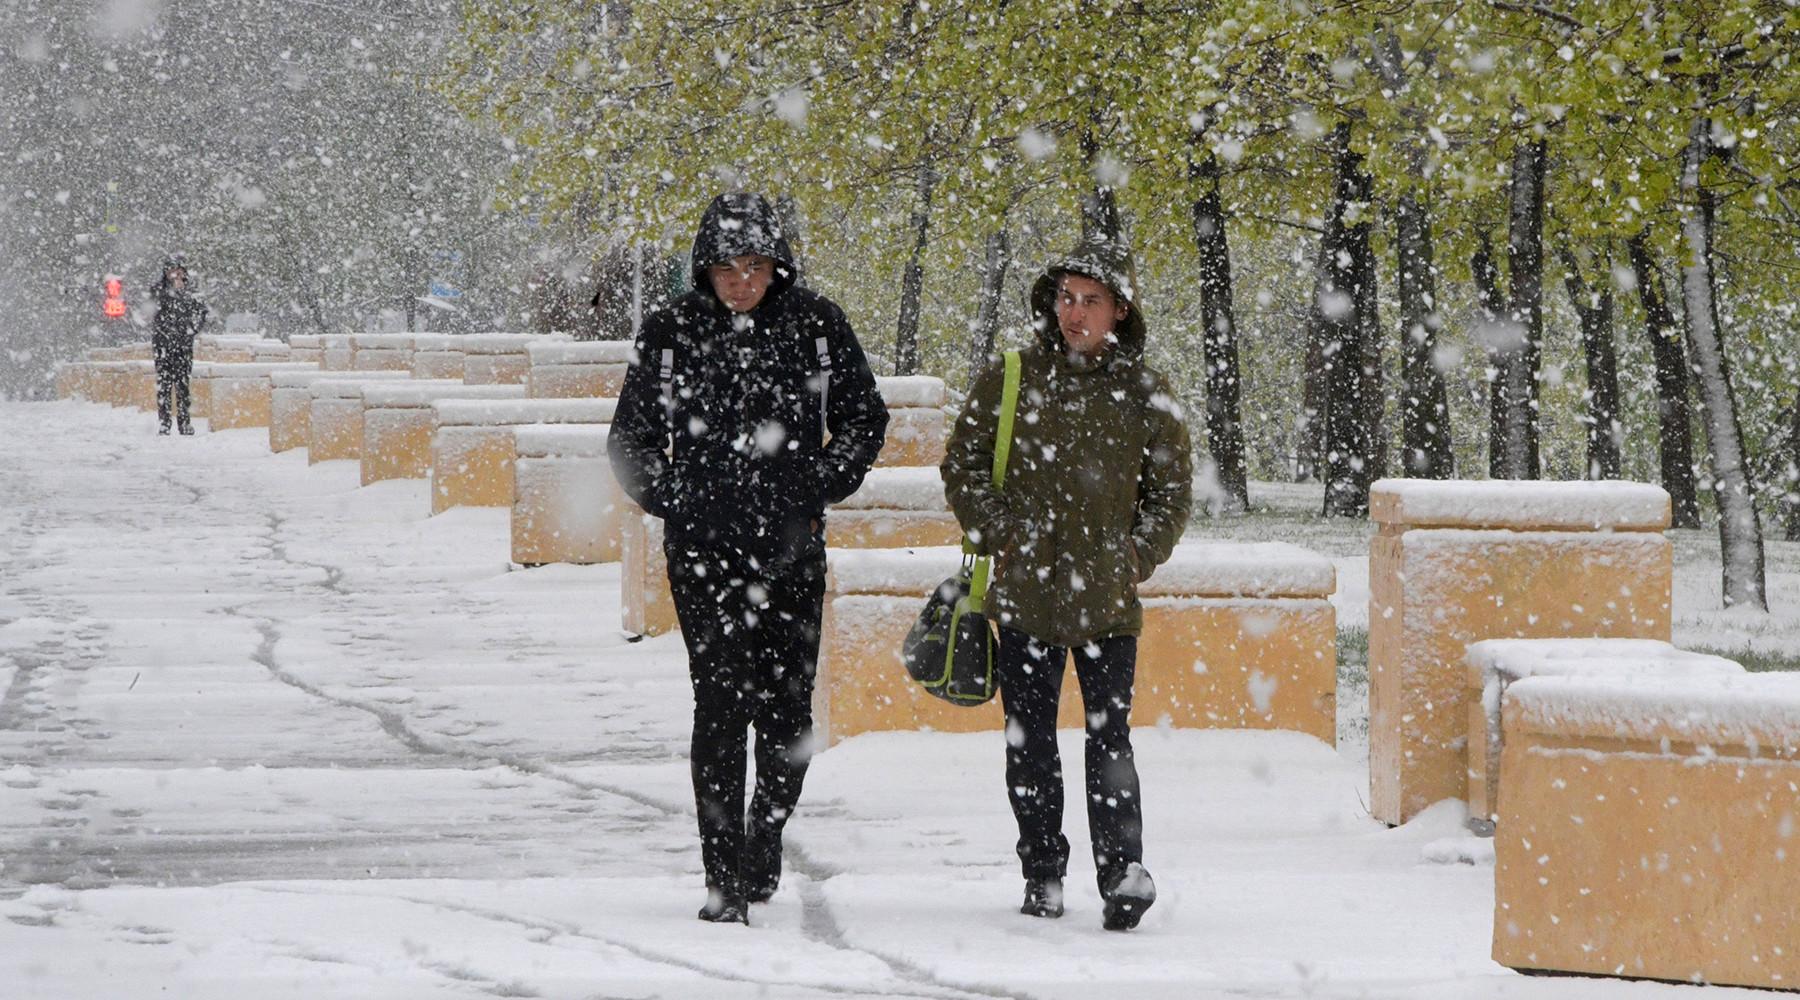 Зима рядом: в конце недели в Москве может выпасть первый снег